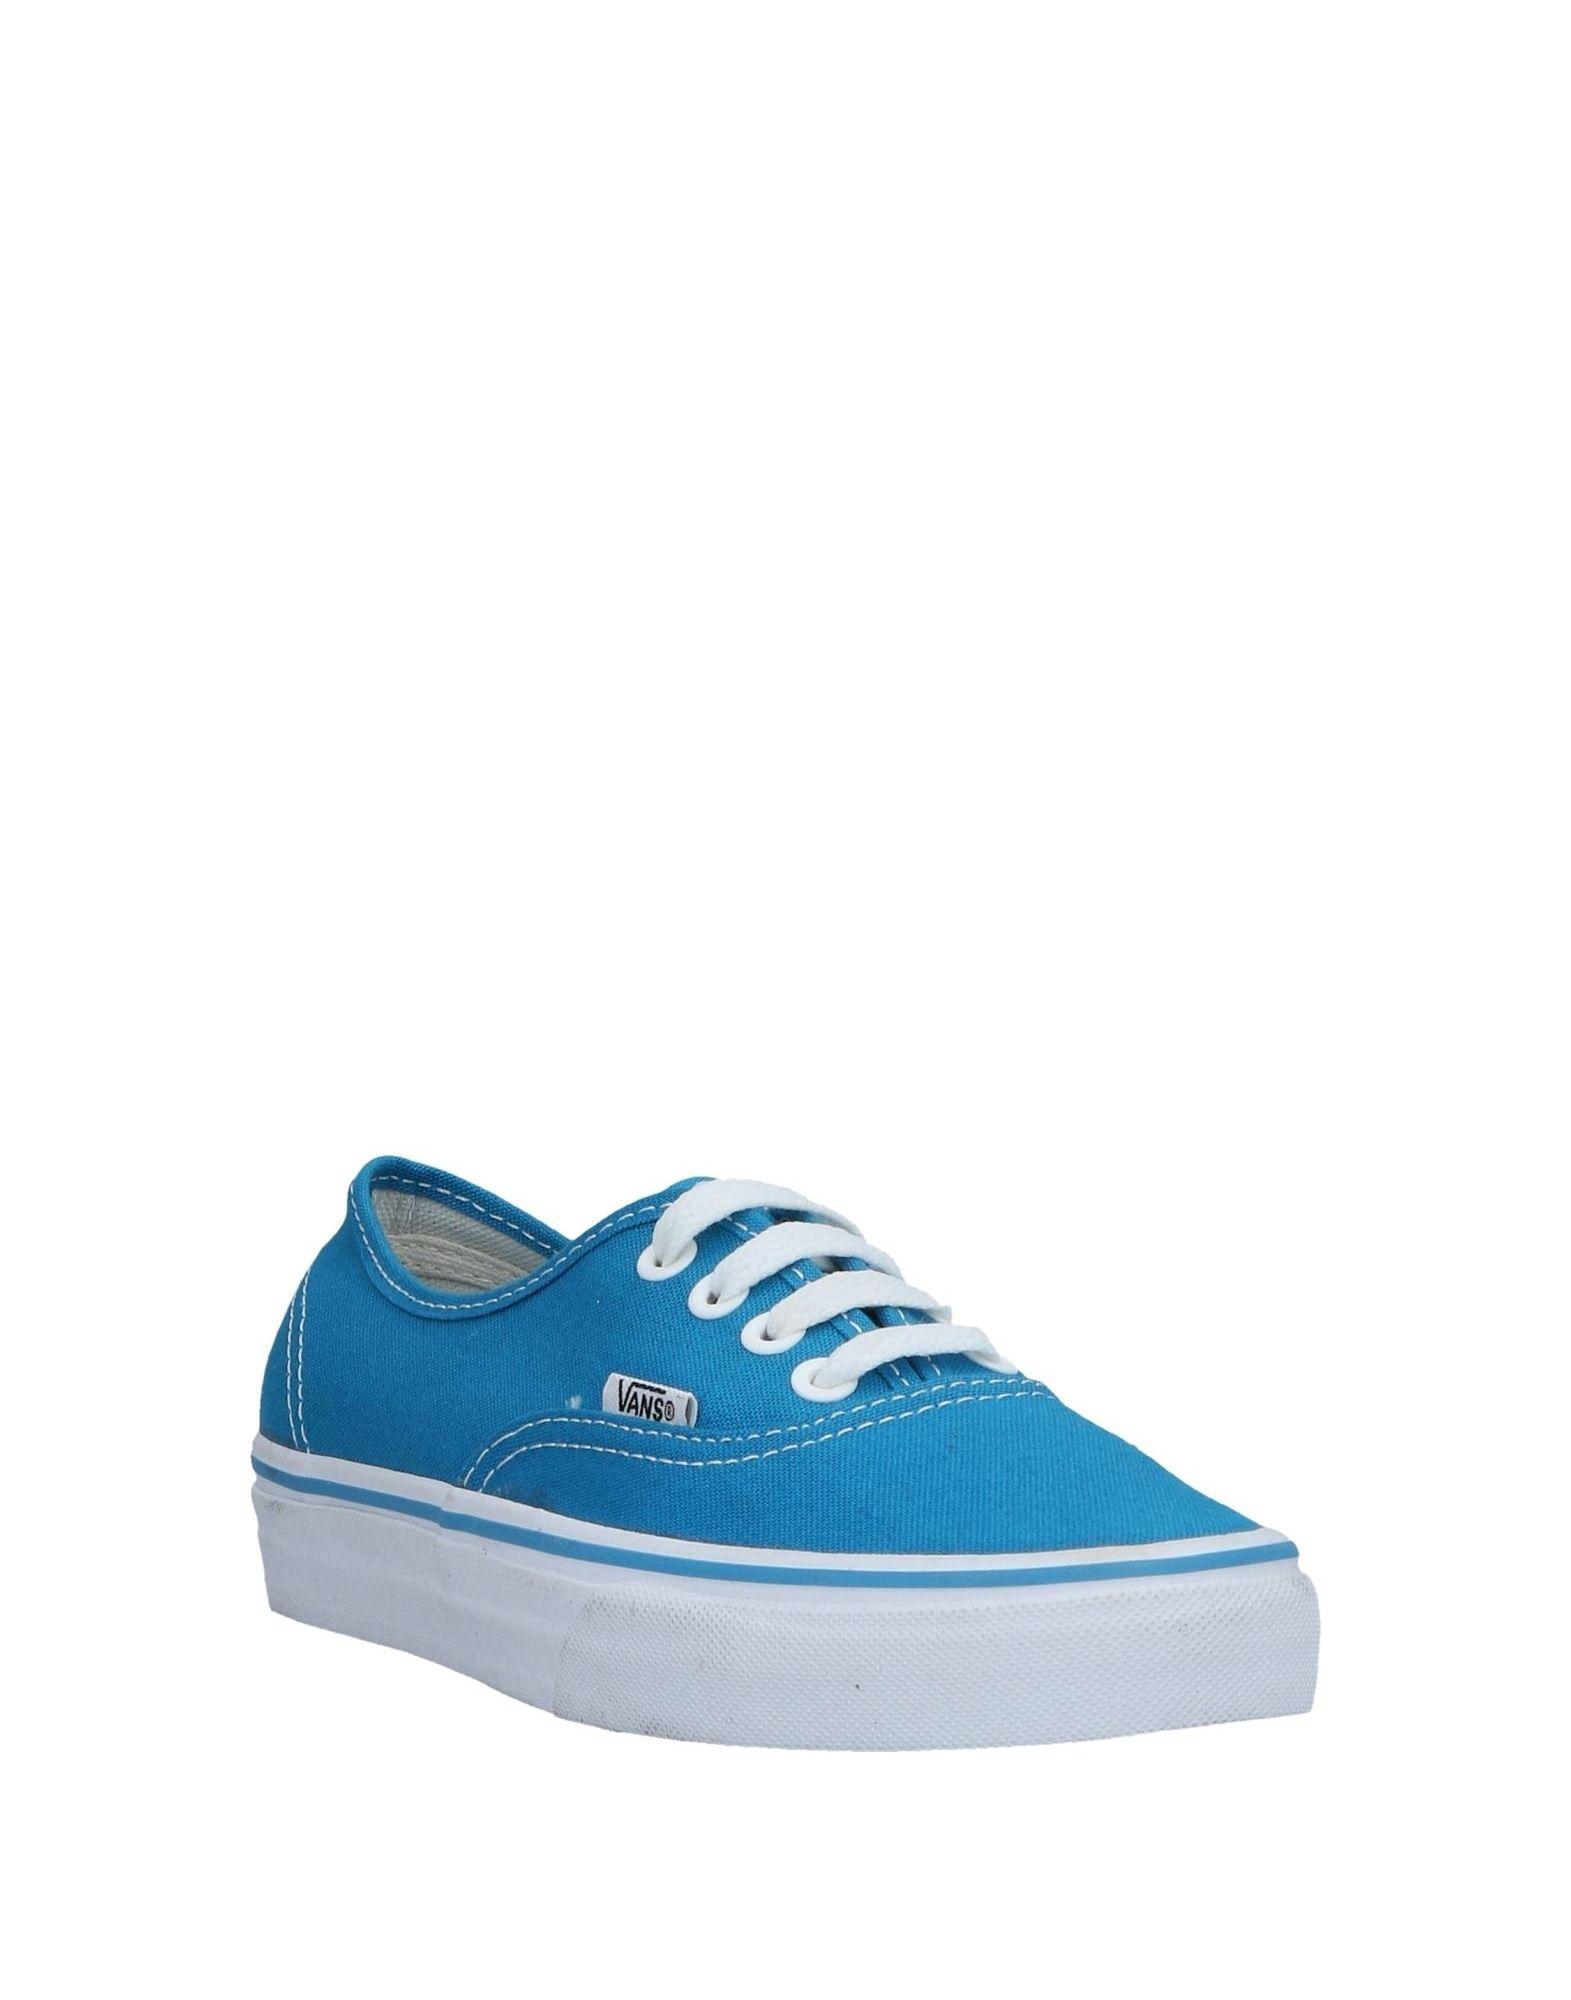 Vans Sneakers Damen  Schuhe 11533173SR Gute Qualität beliebte Schuhe  92e0fb